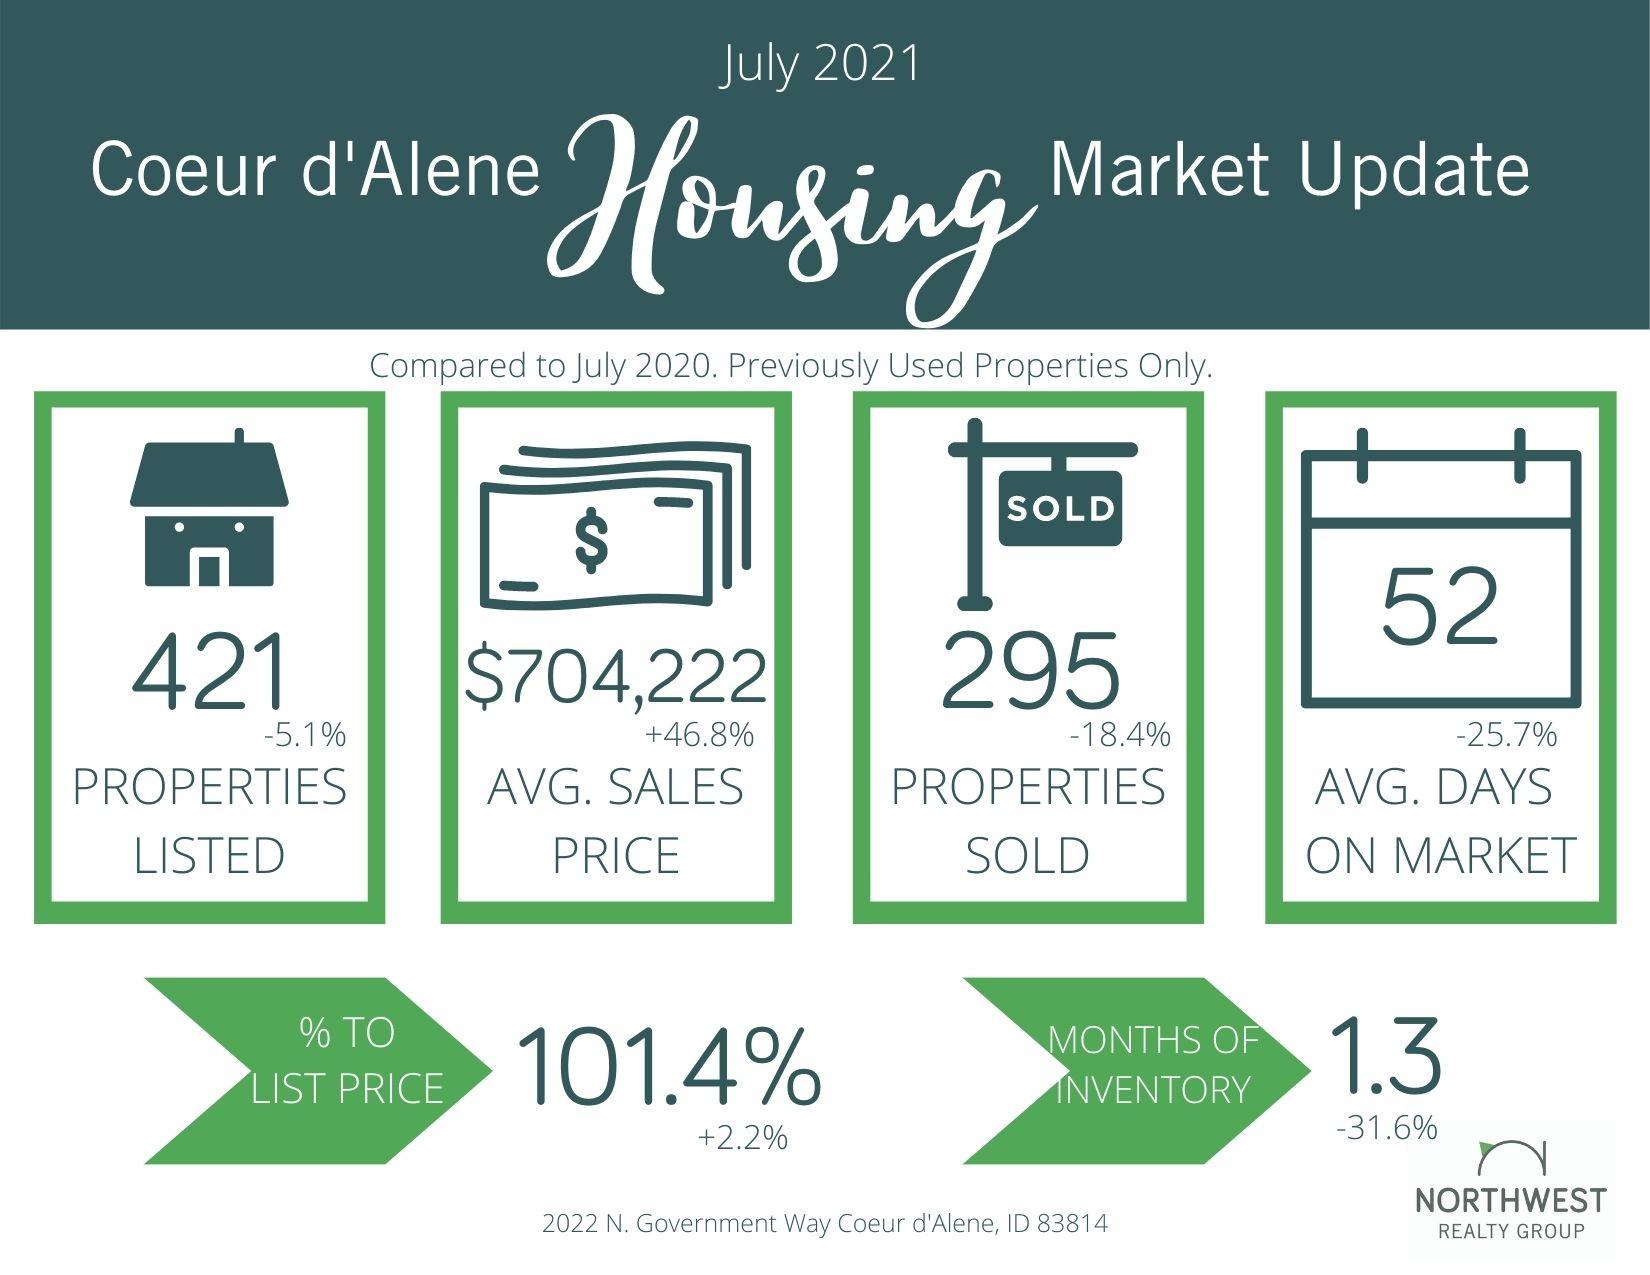 July 2021 Coeur d'Alene Real Estate Market Update